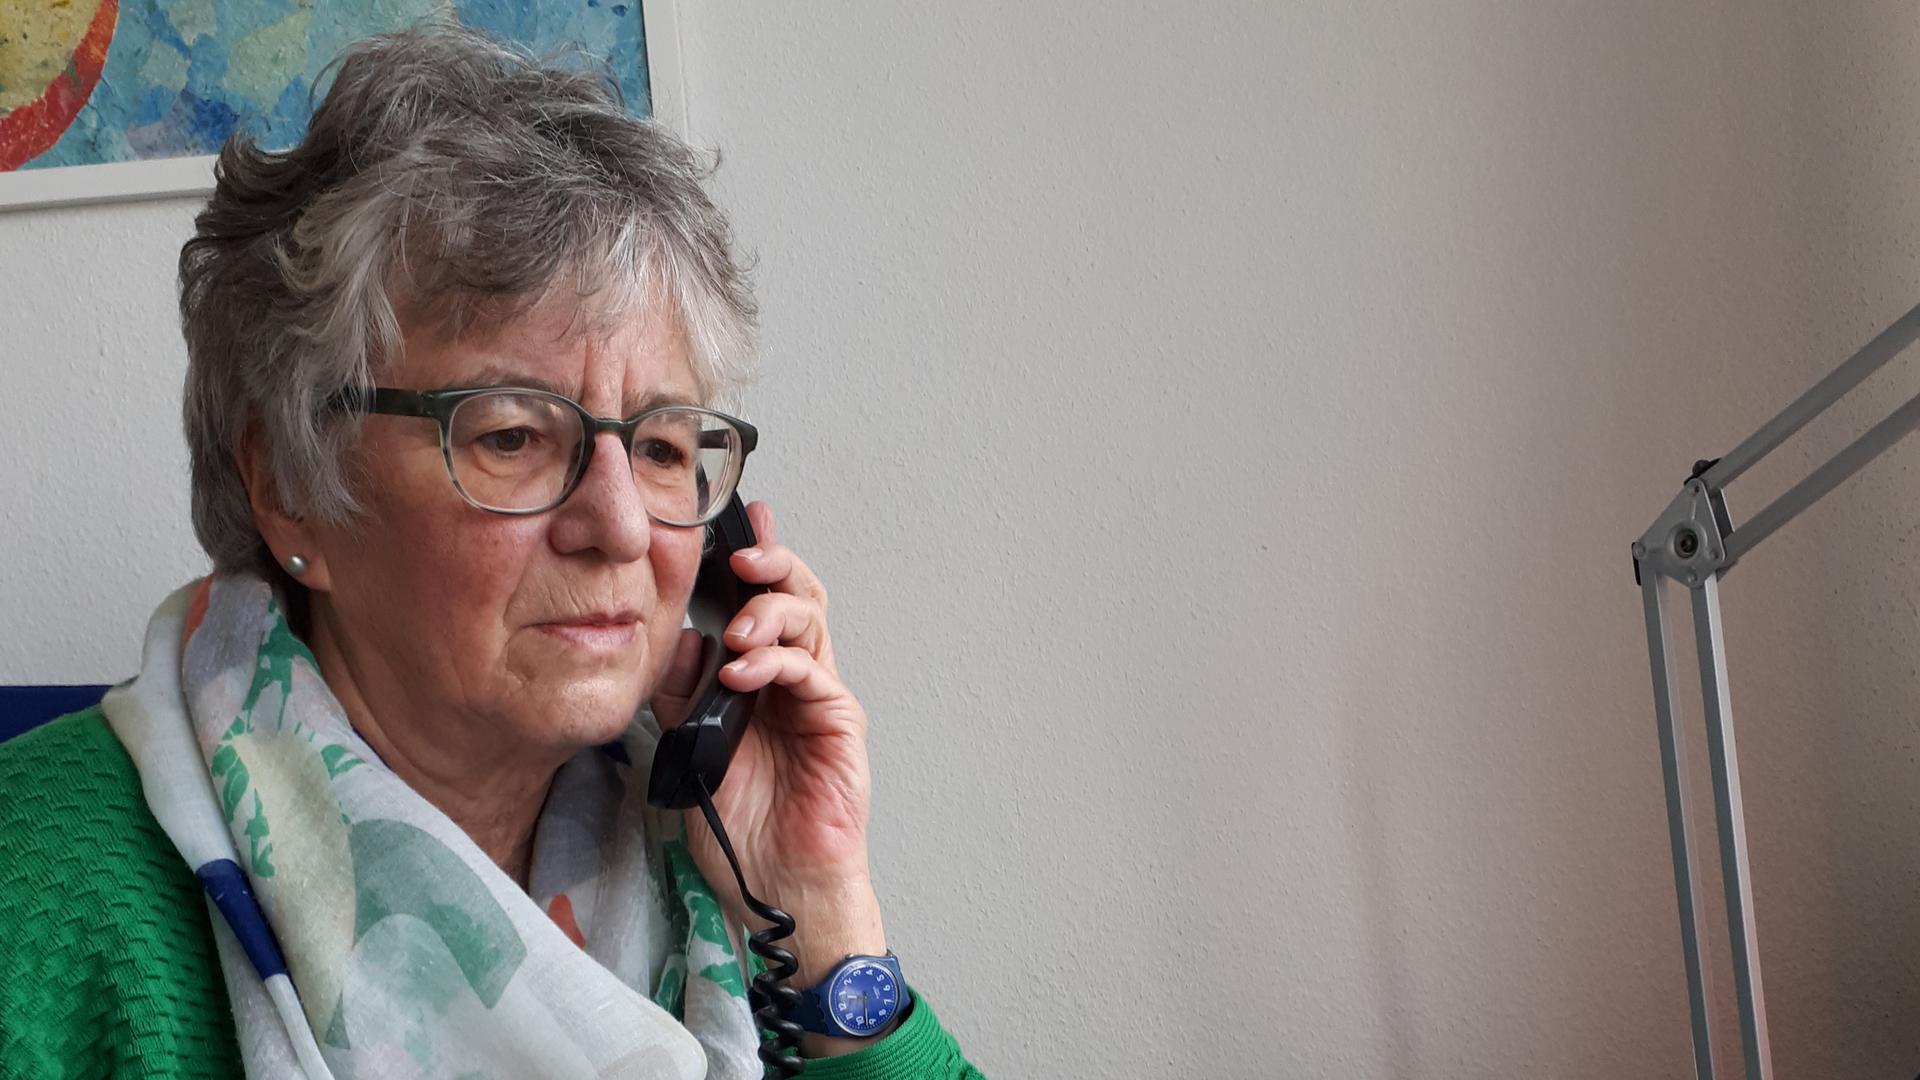 Bettina Grimberg, eine der Leiterinnen der Telefonseelsorge Karlsruhe, hat das Telefon am Ohr.